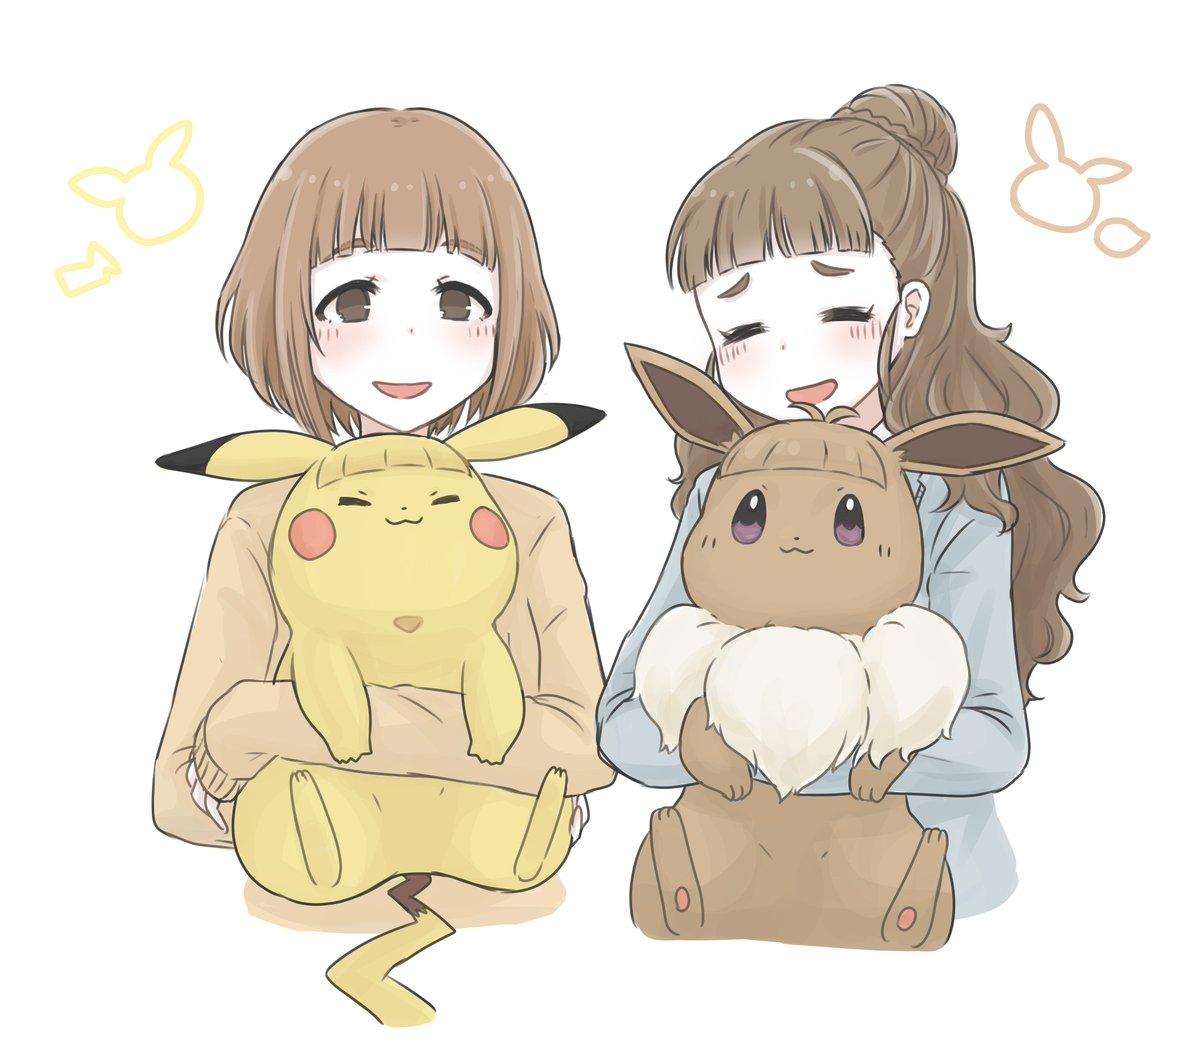 前髪ピカブイと柚奈緒ちゃんと描き直したのだ